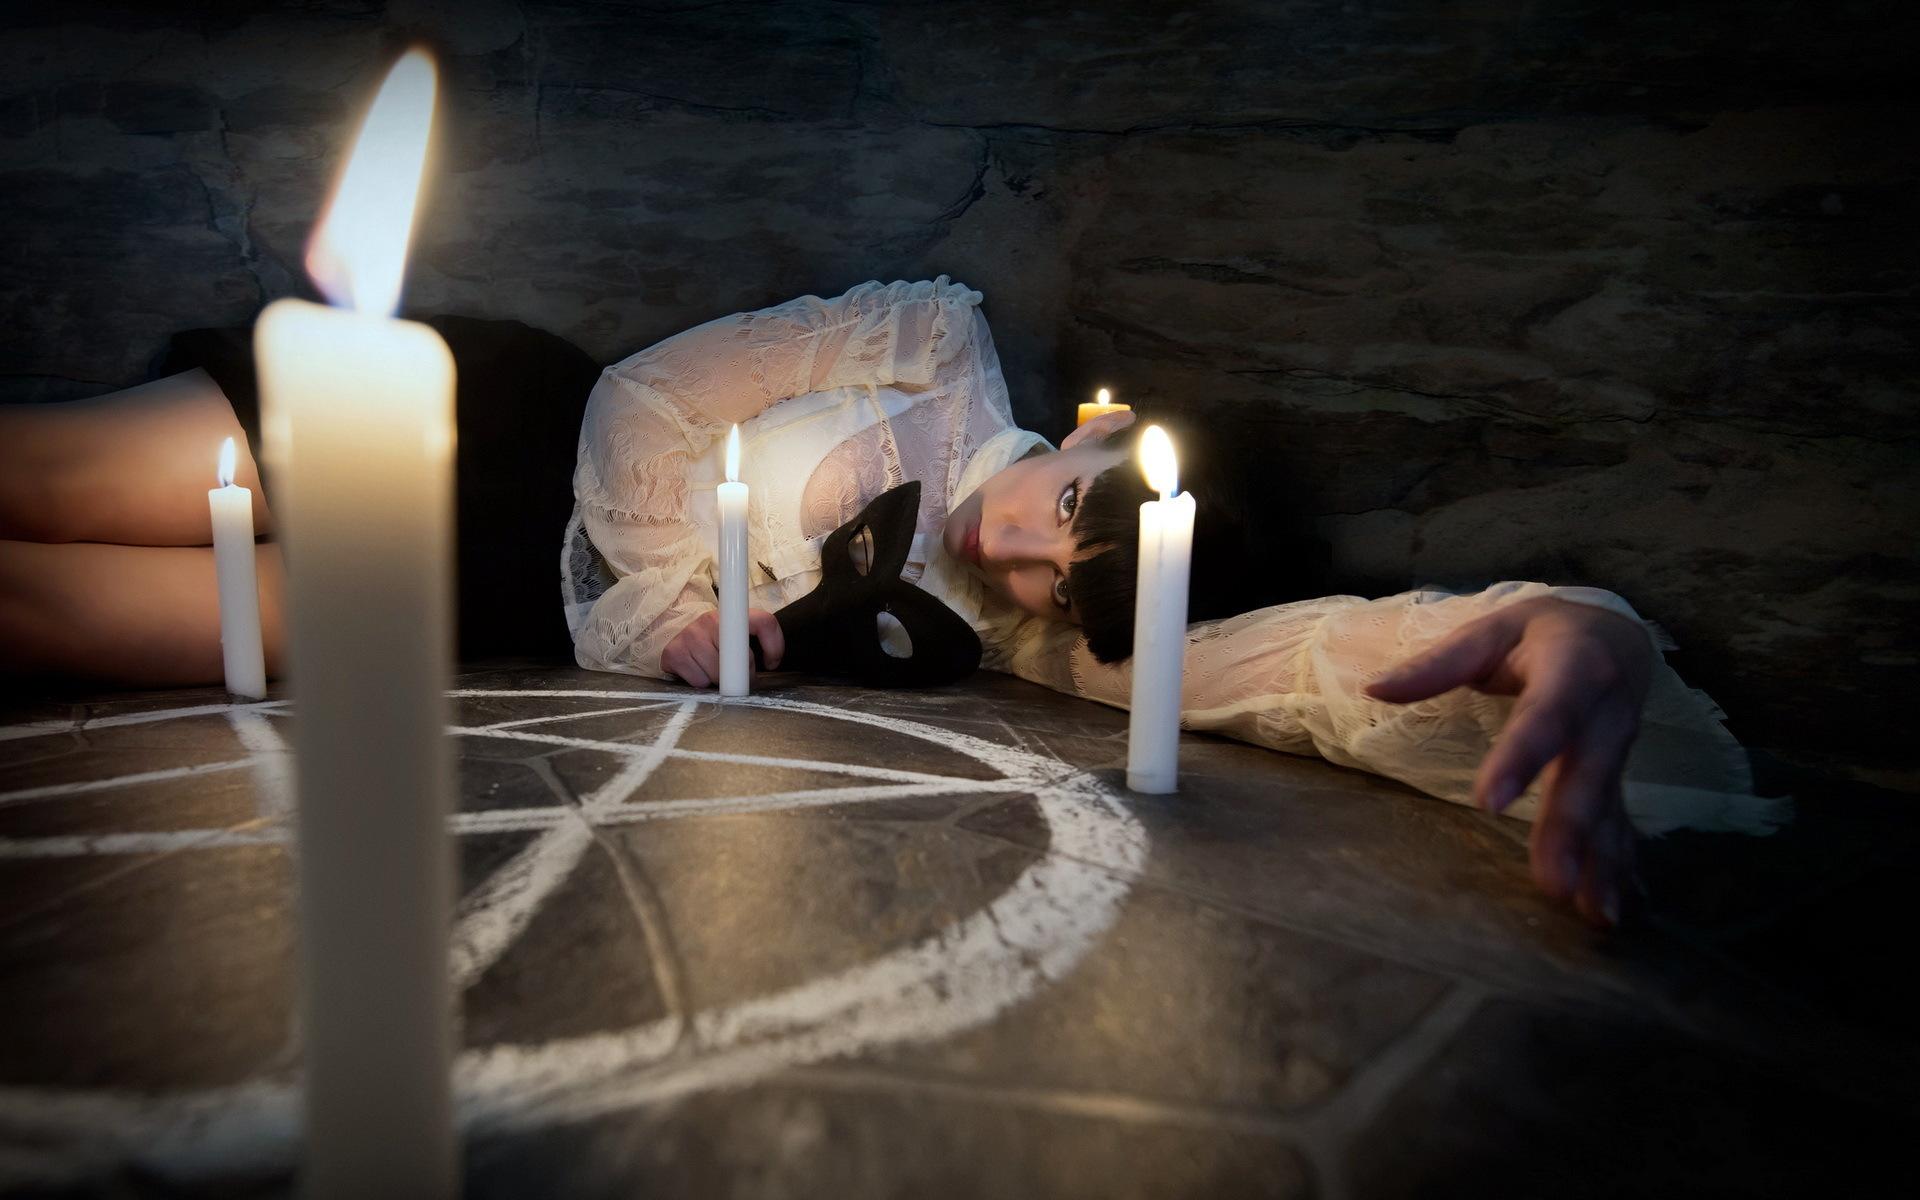 самый черный отворот на свечу без фото обговаривают детали